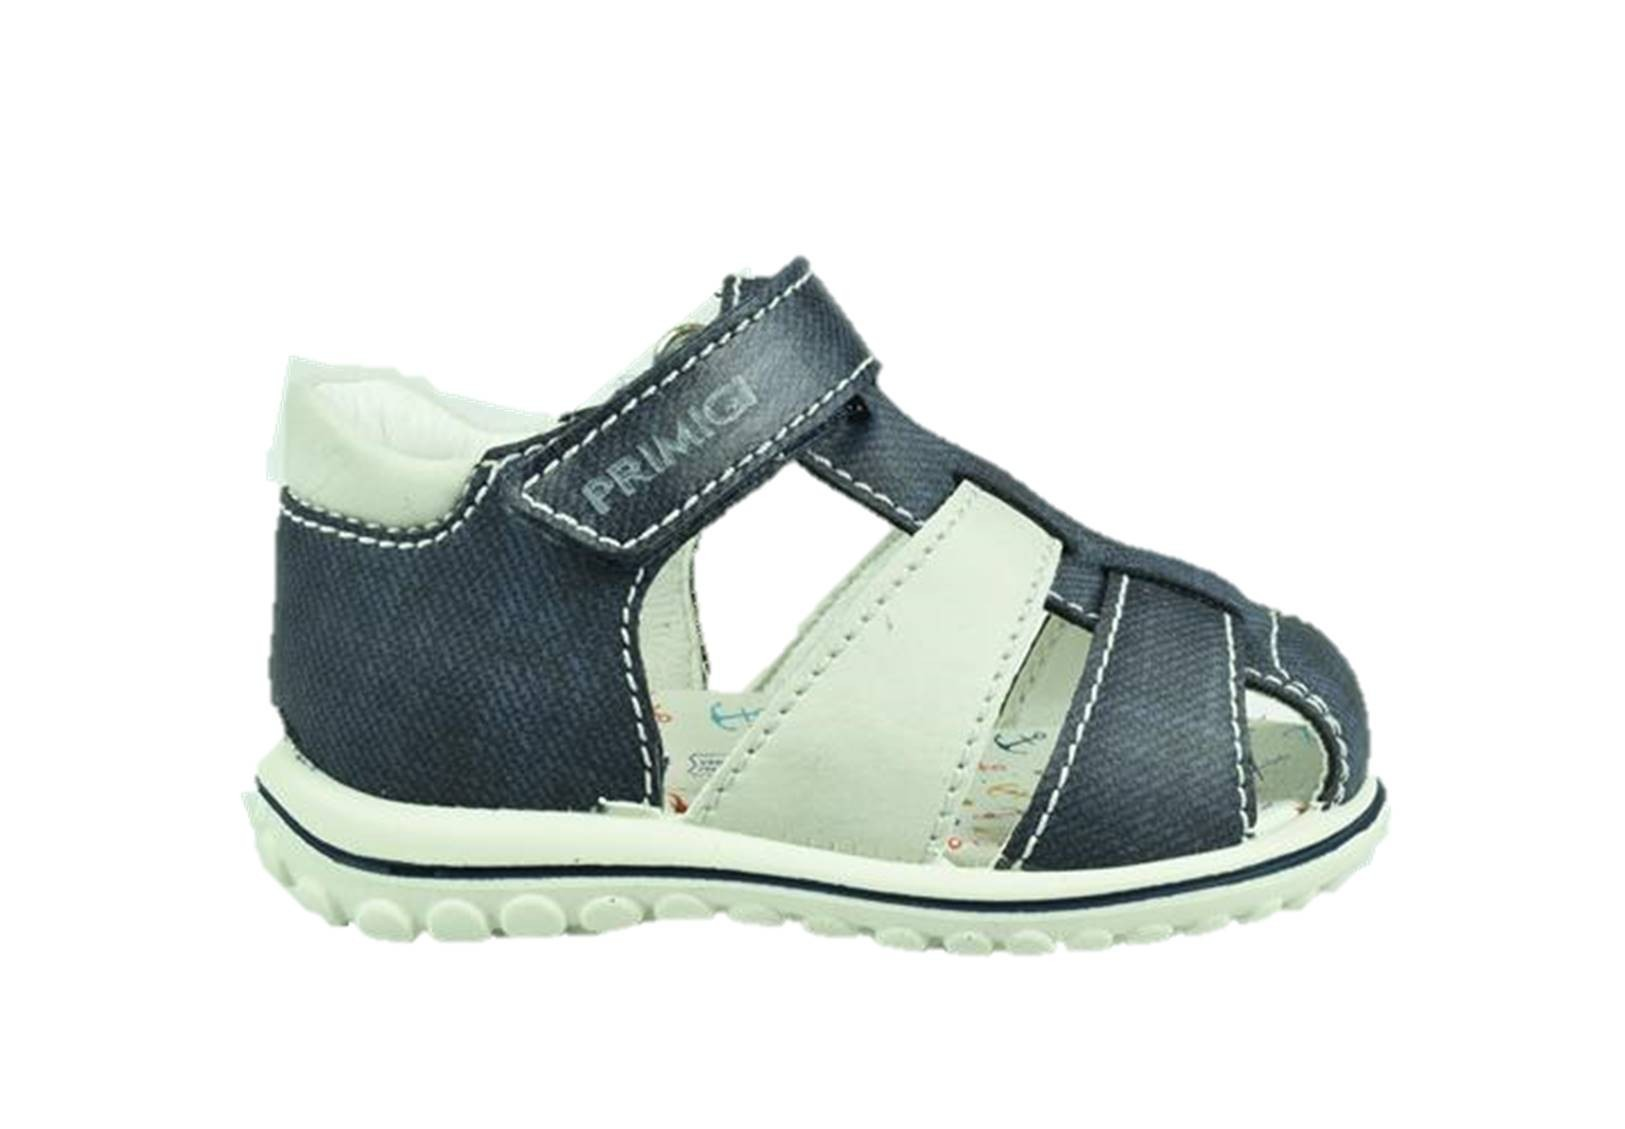 sandali bimbo 23 primigi in vendita   eBay